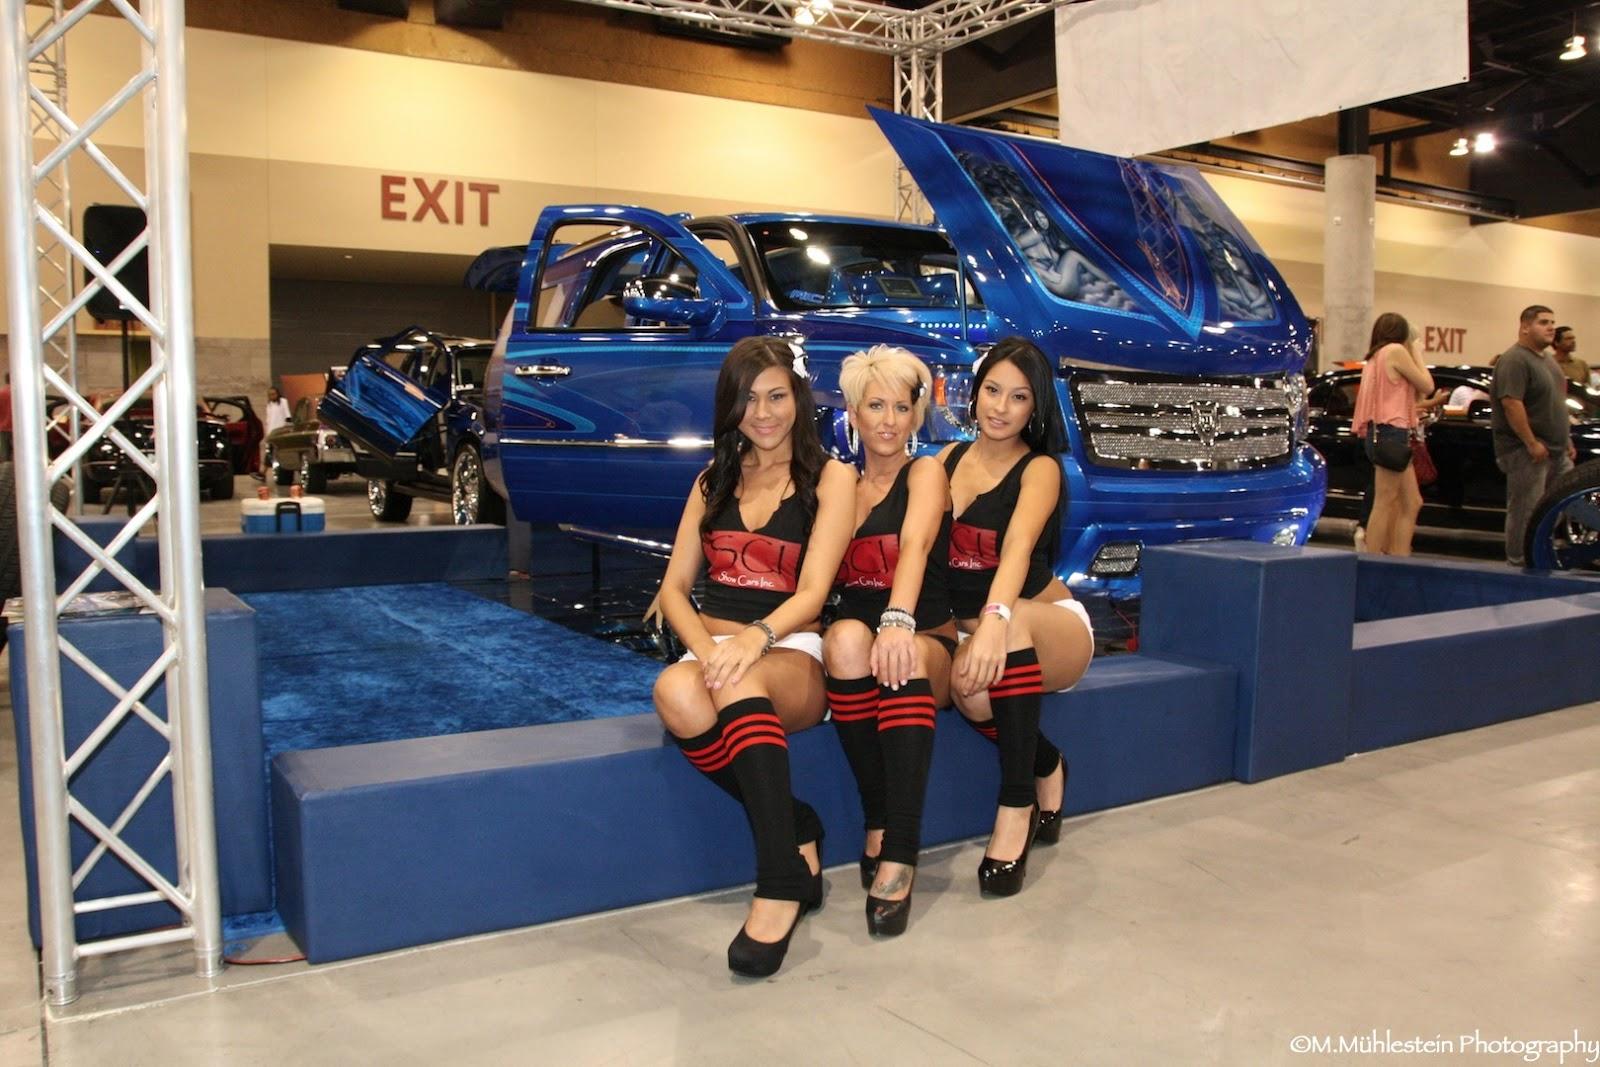 CARNBABES Dub Show Tour Phoenix SCIGirls Posing - Car show phoenix convention center